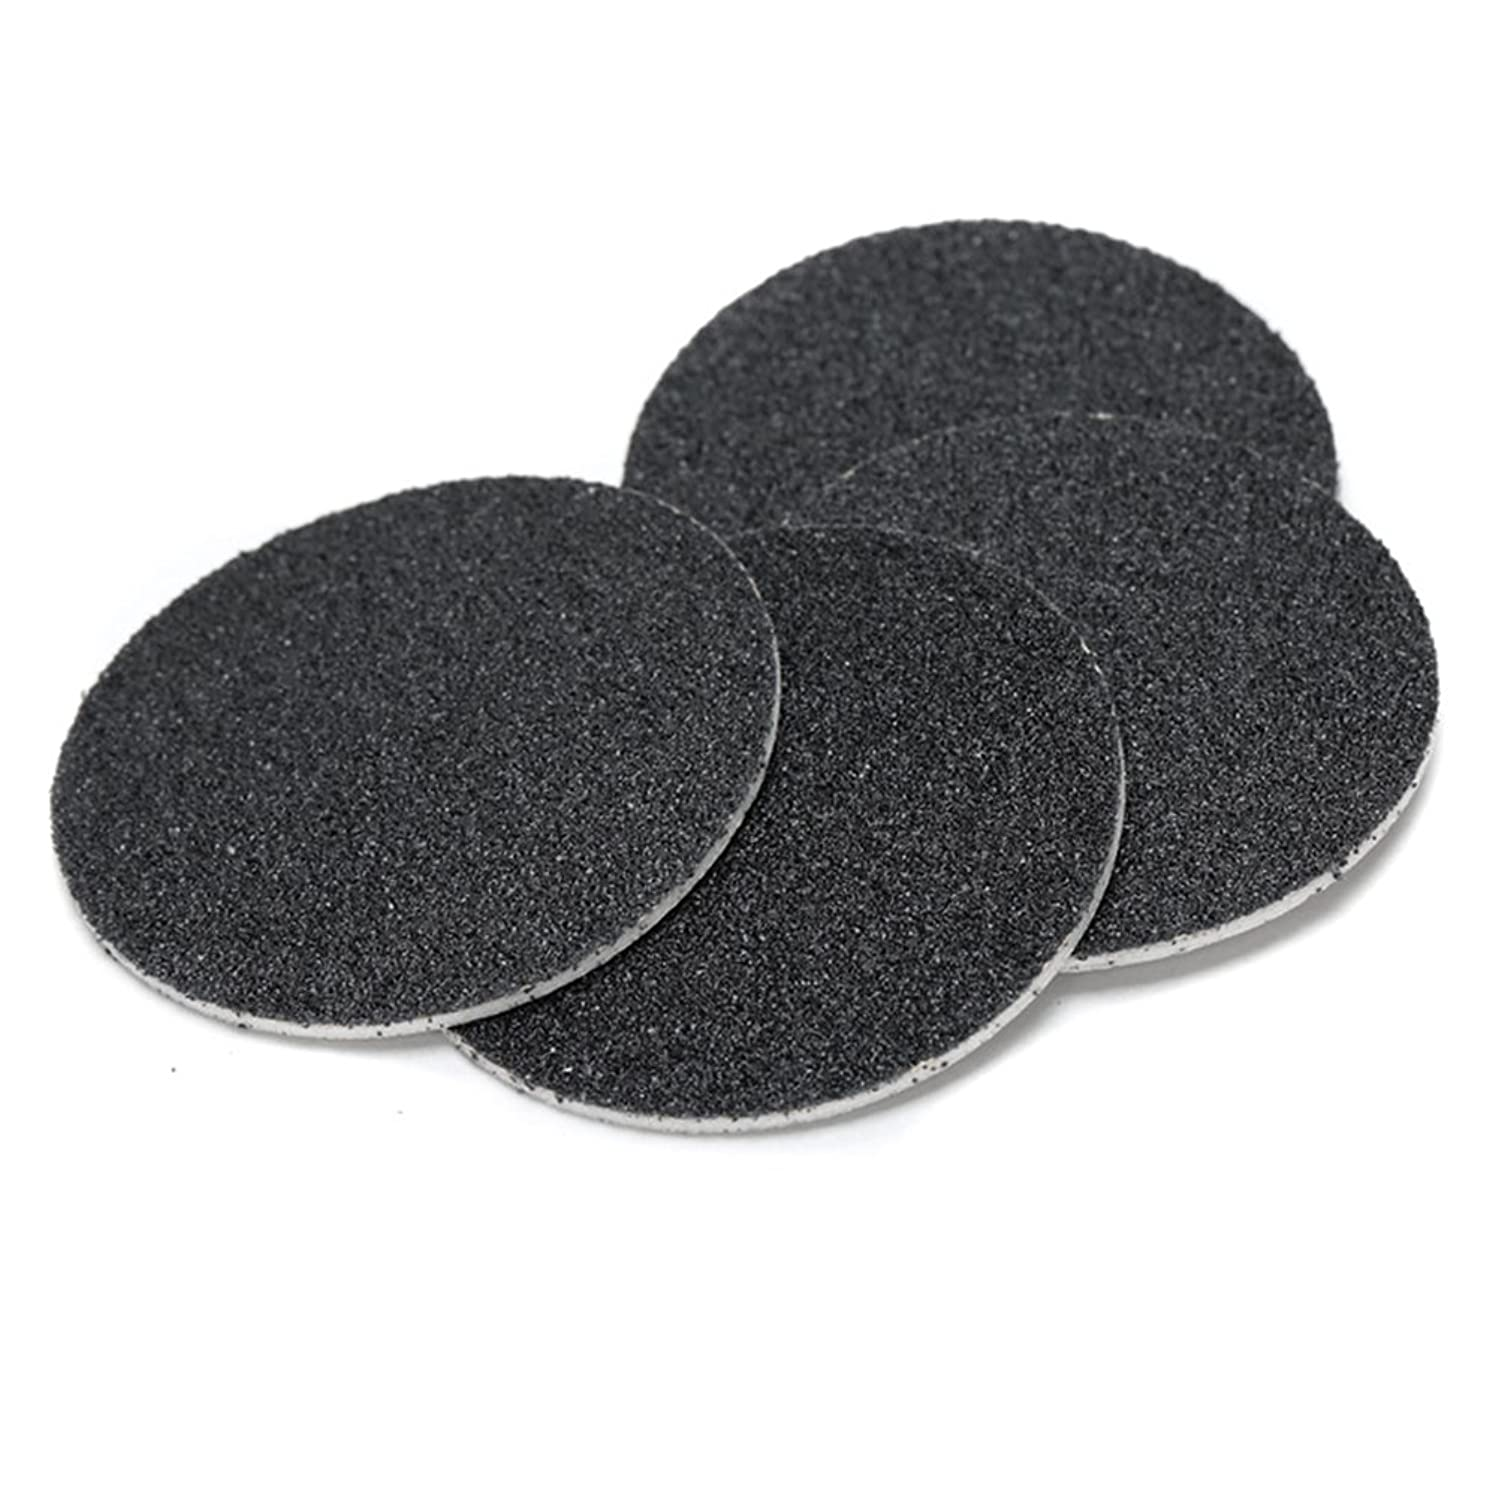 サバント承認する率直なJoint Victory Pedicure Tools 1 Box (60pcs) Replacement Sandpaper Discs Pad for Electric Foot File Callus Remover Black (Sandpaper Discs)